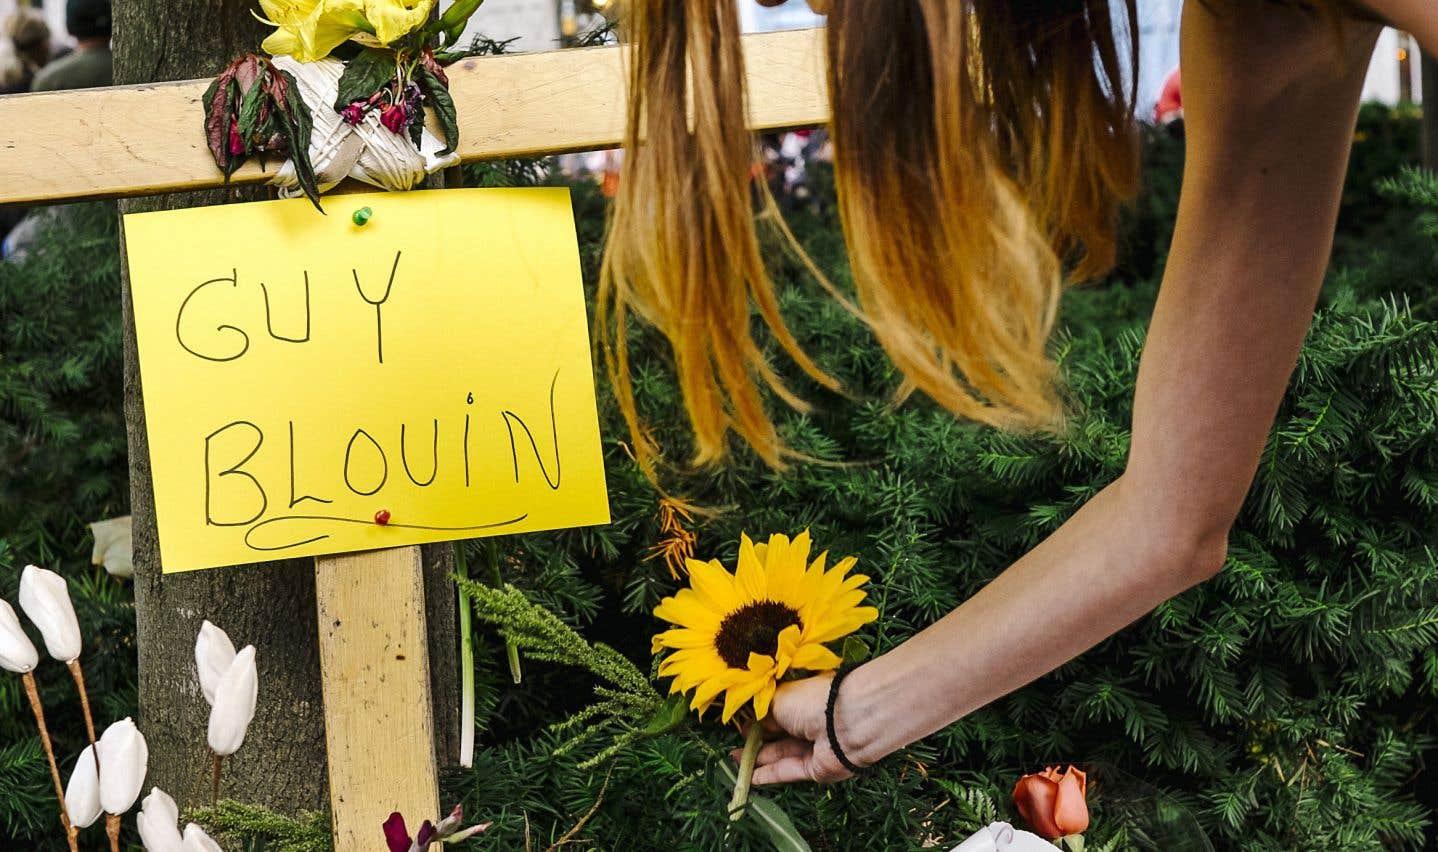 Guy Blouin est mort à l'hôpital, quelques minutes après que le policier l'eut heurté avec son véhicule en marche arrière.